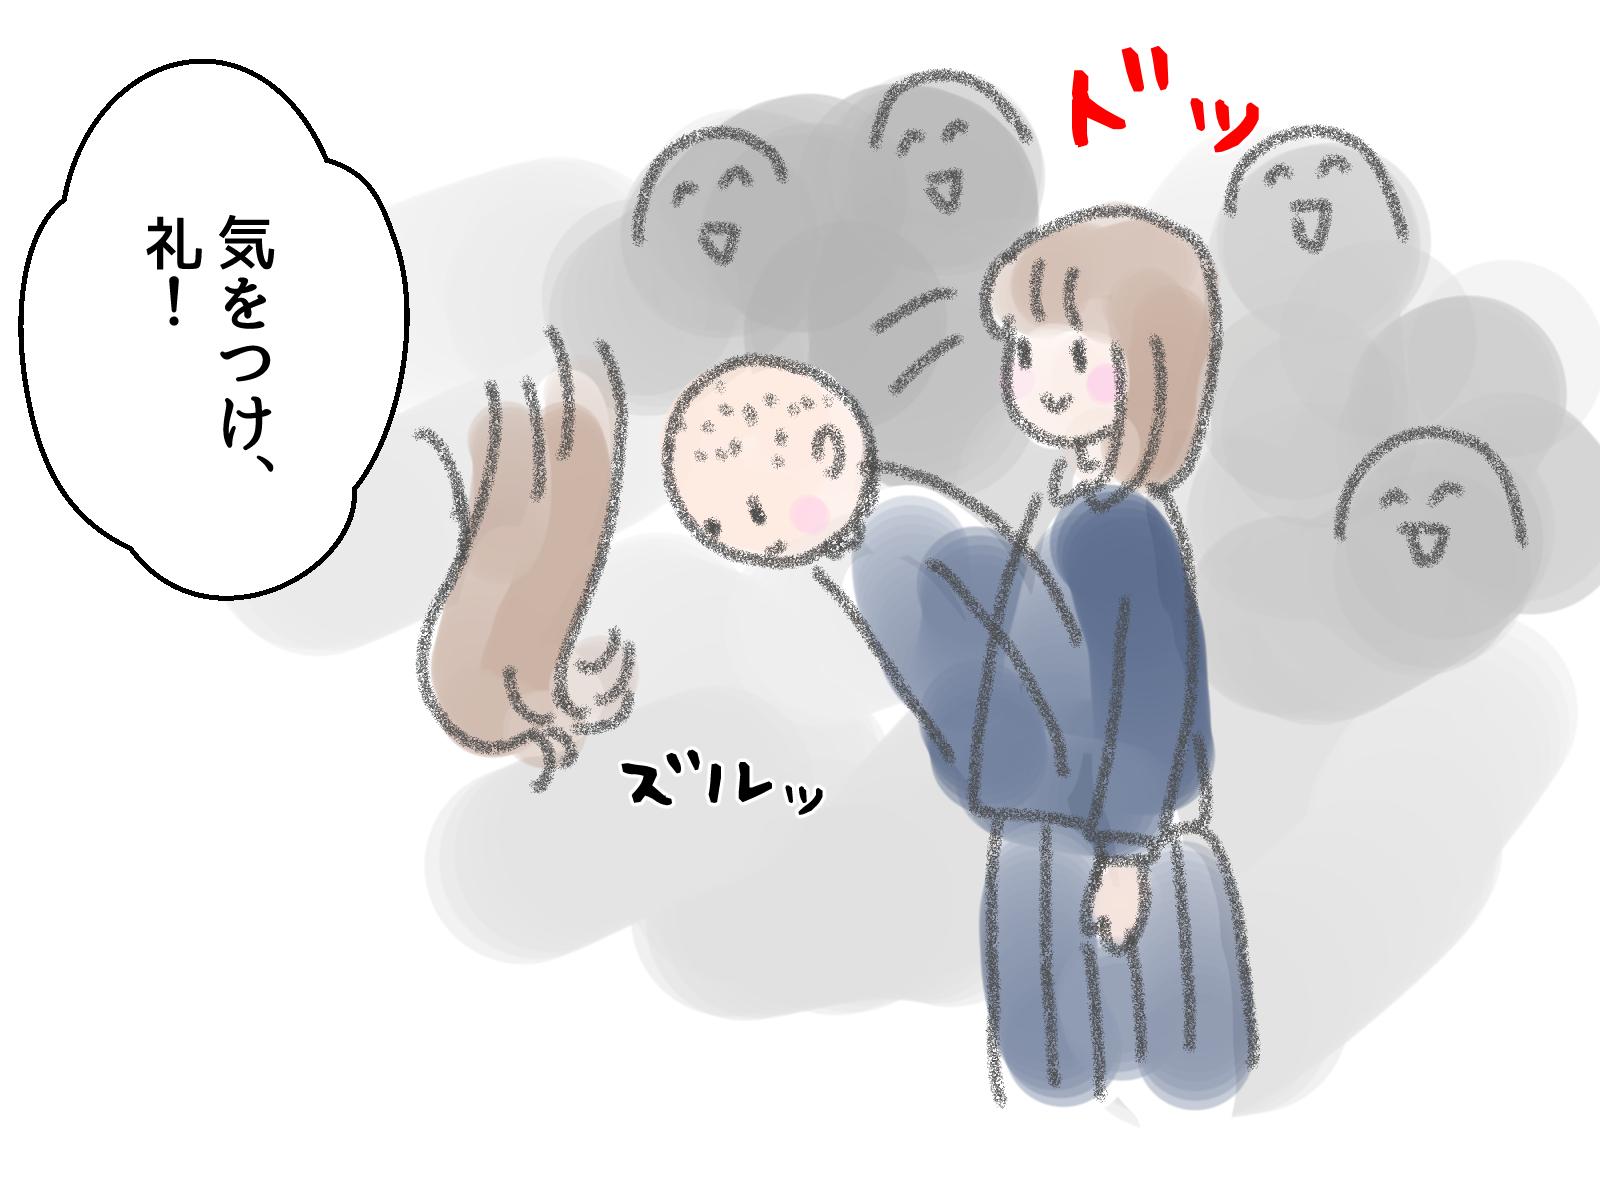 ヅラヅラ思い出話 〜テレビにツッコミ編〜